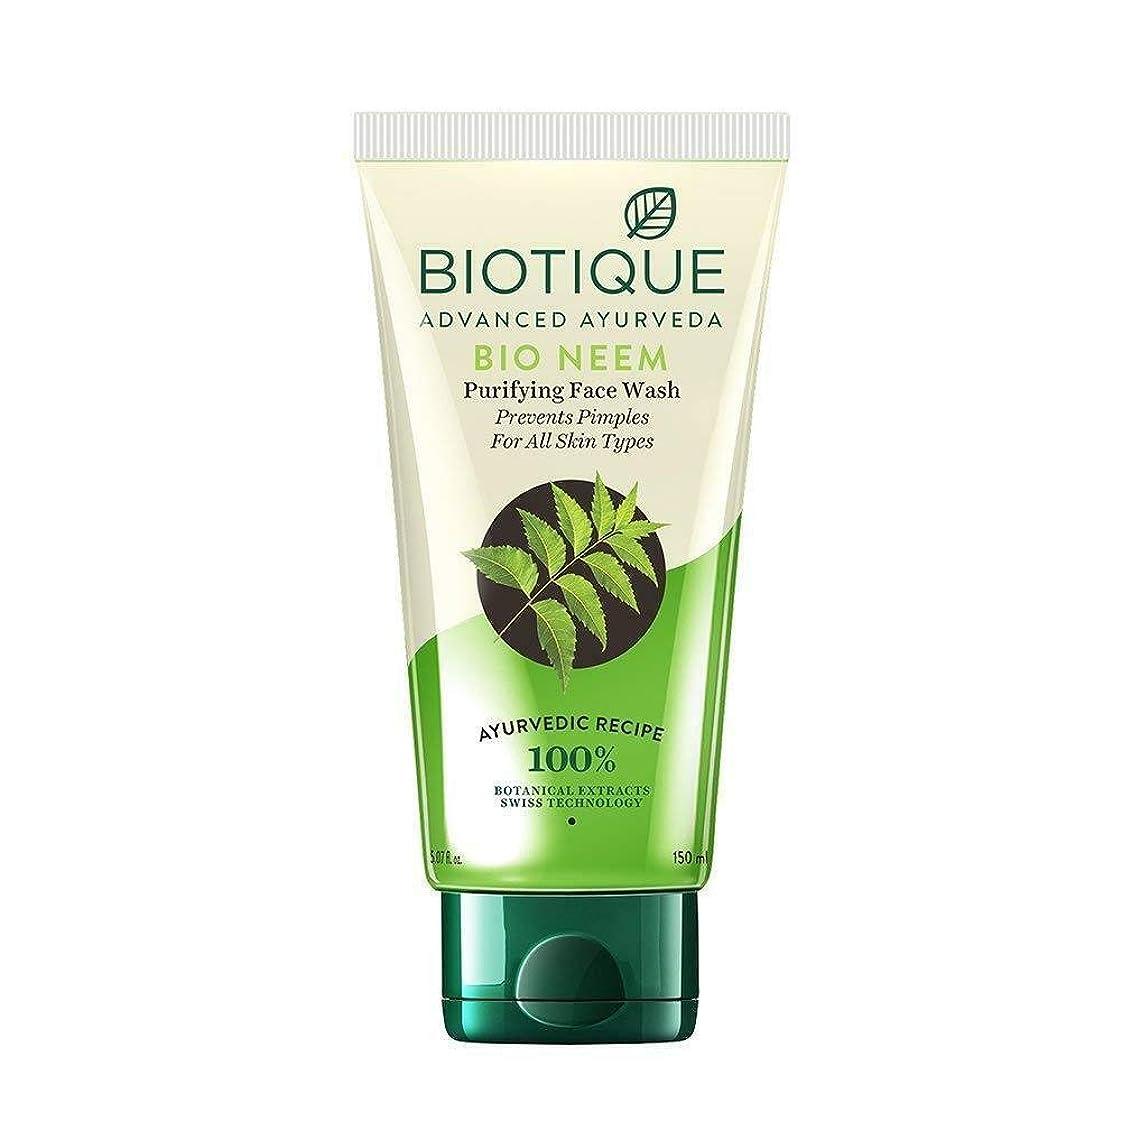 系統的欠如ジュースBiotique Advanced Ayurveda Bio Neem Purifying Face Wash for All Skin Types 150ml すべての肌タイプのためのBiotique Advanced Ayurvedaバイオニーム浄化フェイスウォッシュ